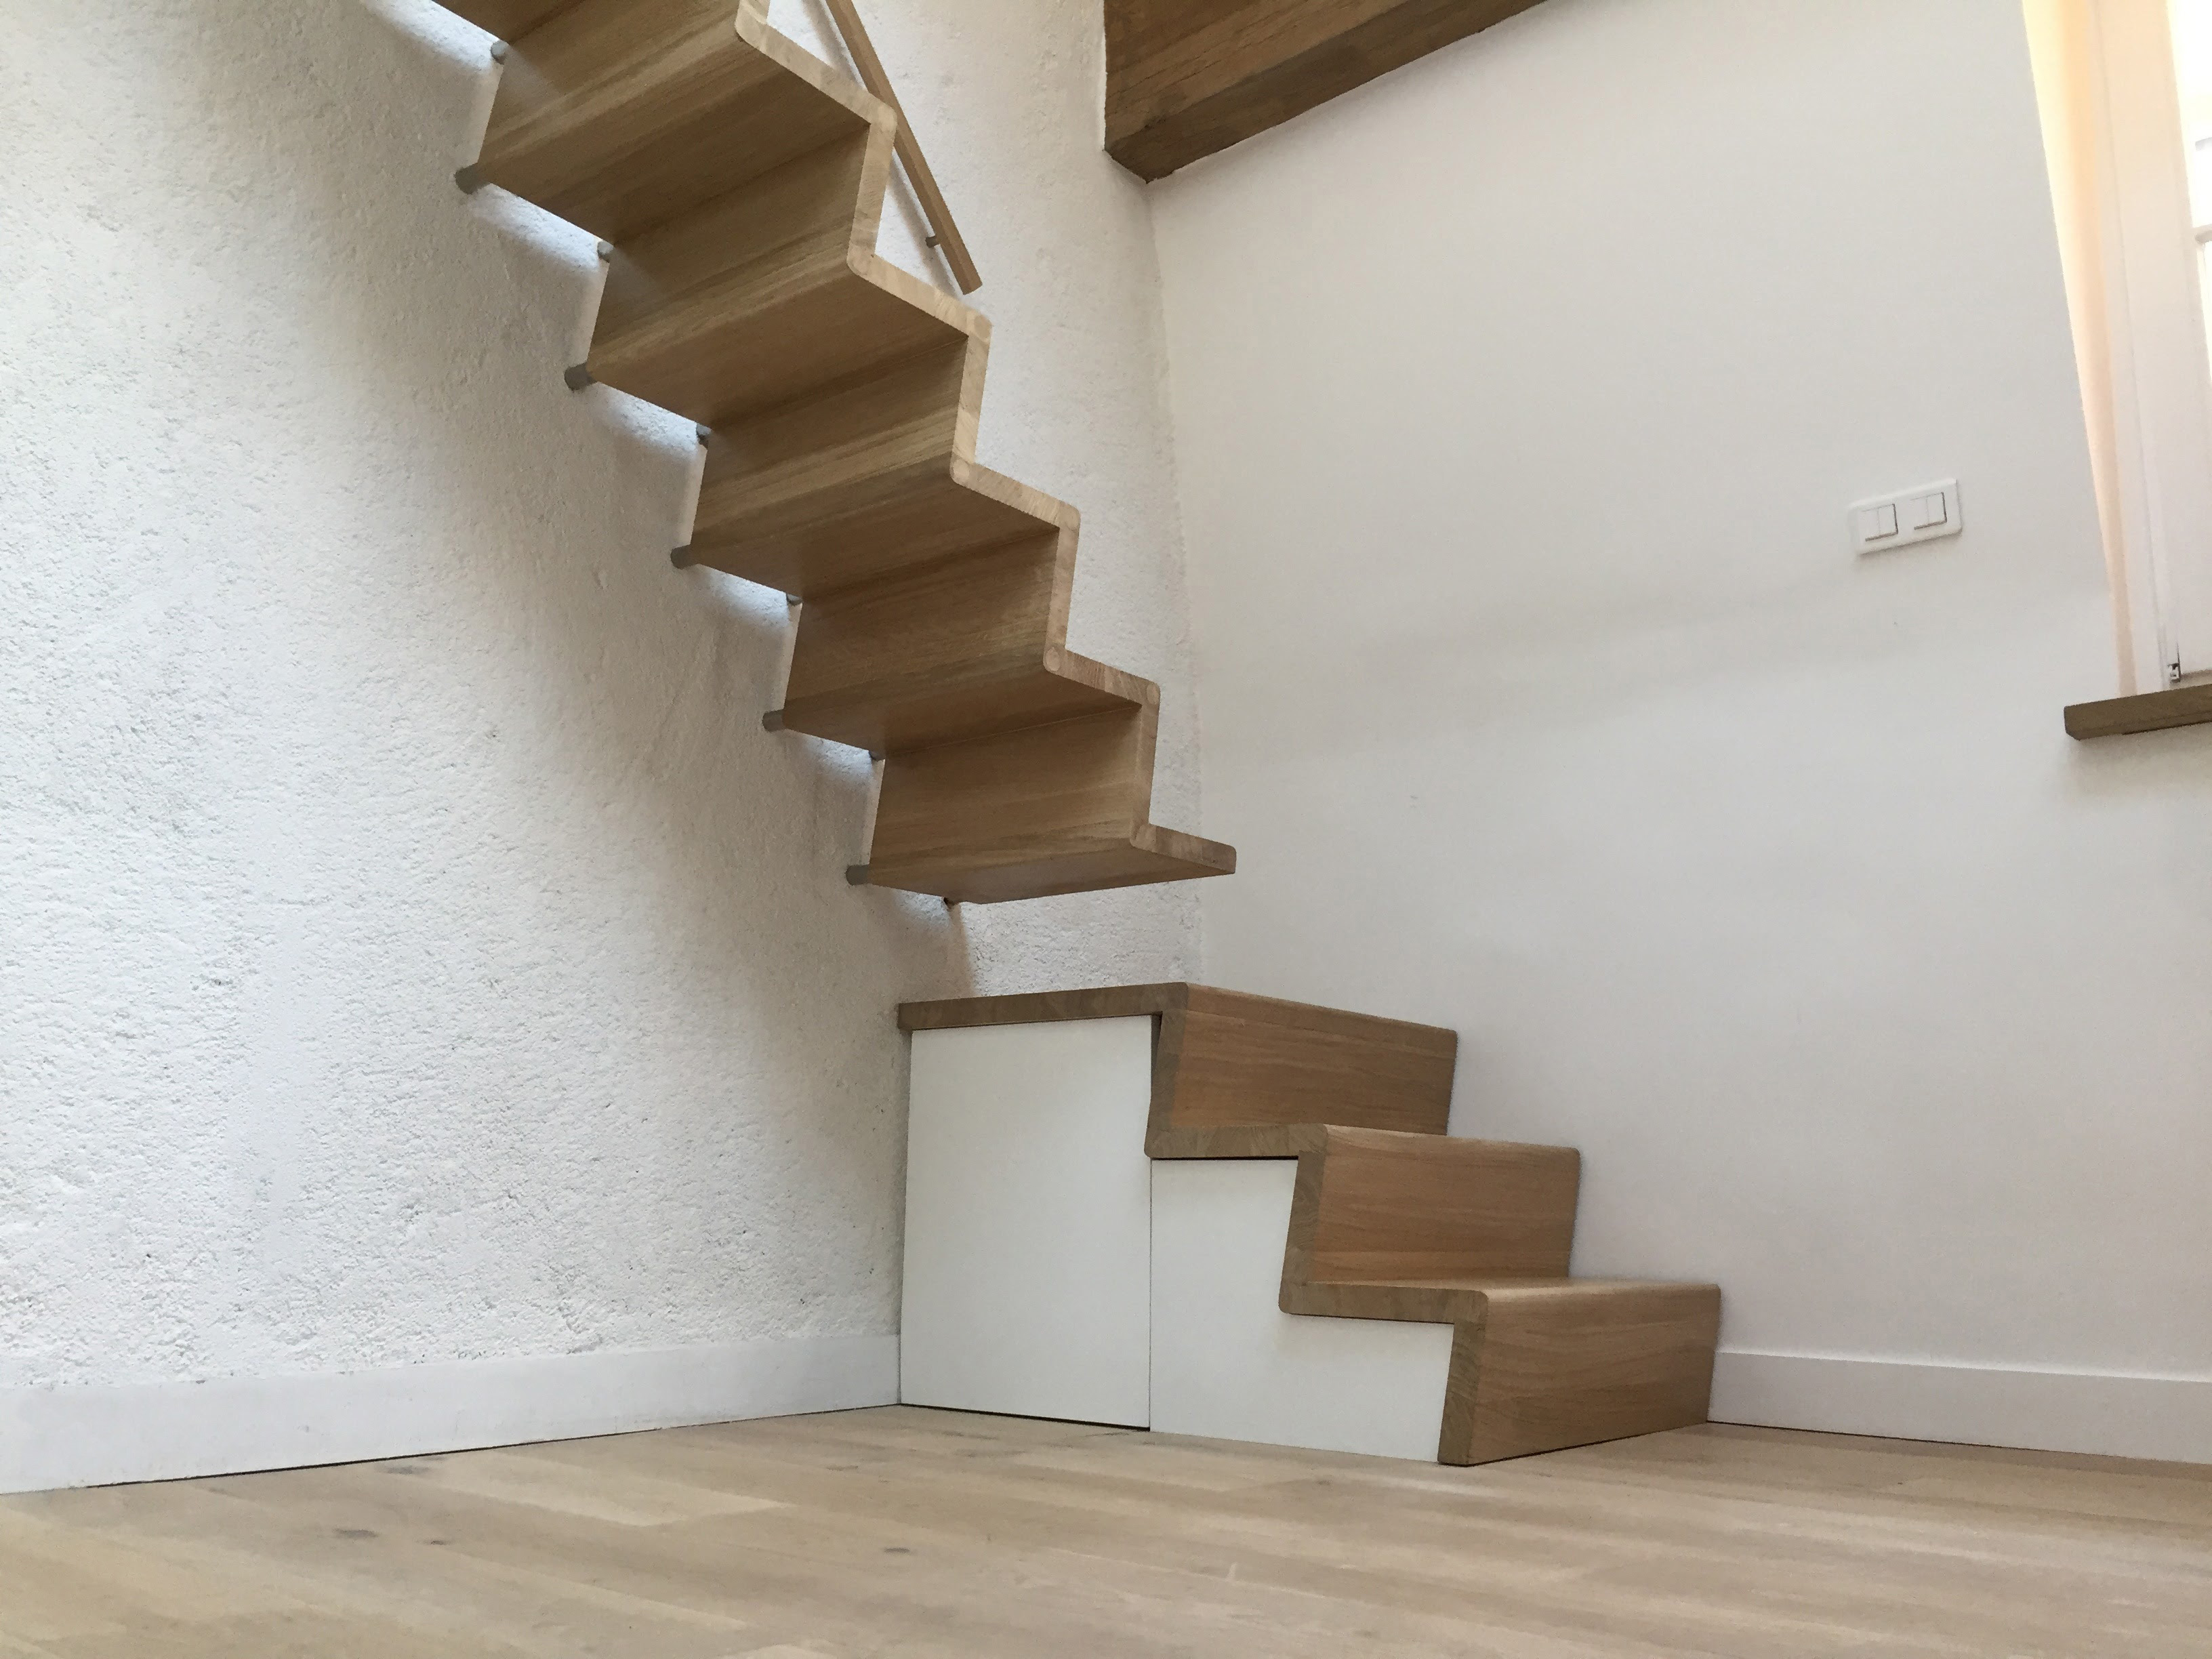 Escalier CUZCO Z Chêne